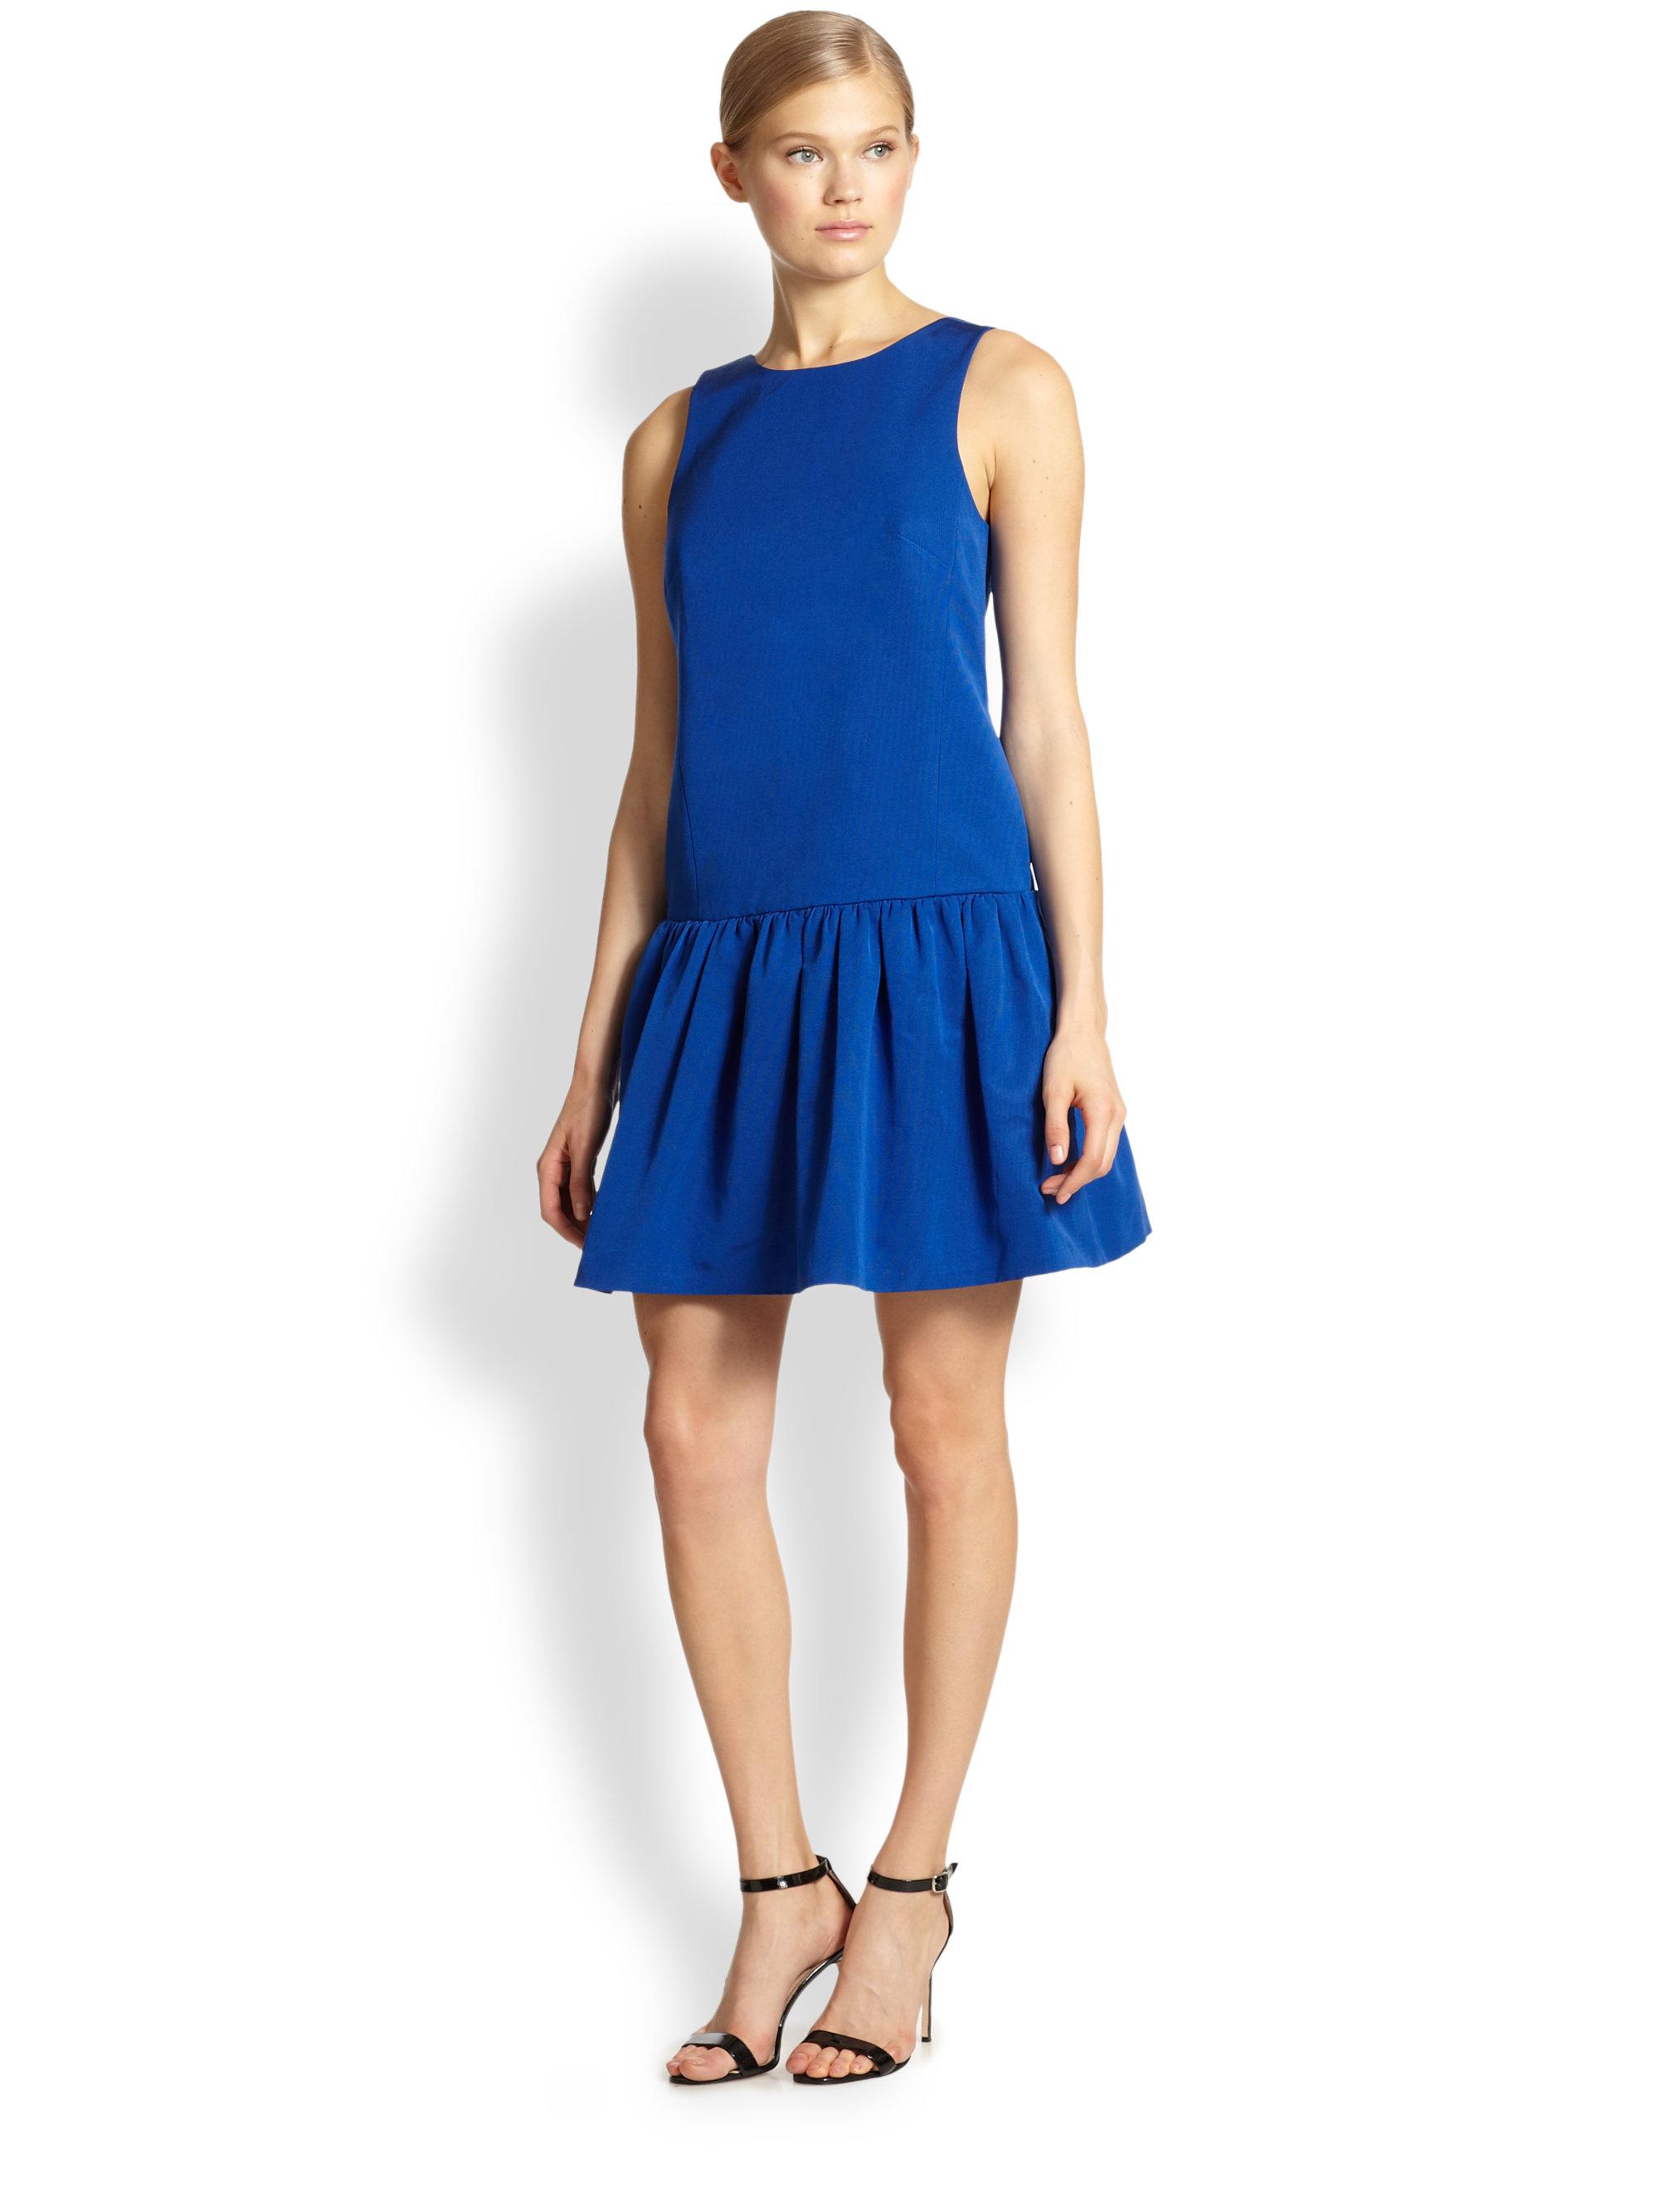 Tibi Blue Dress - Cocktail Dresses 2016